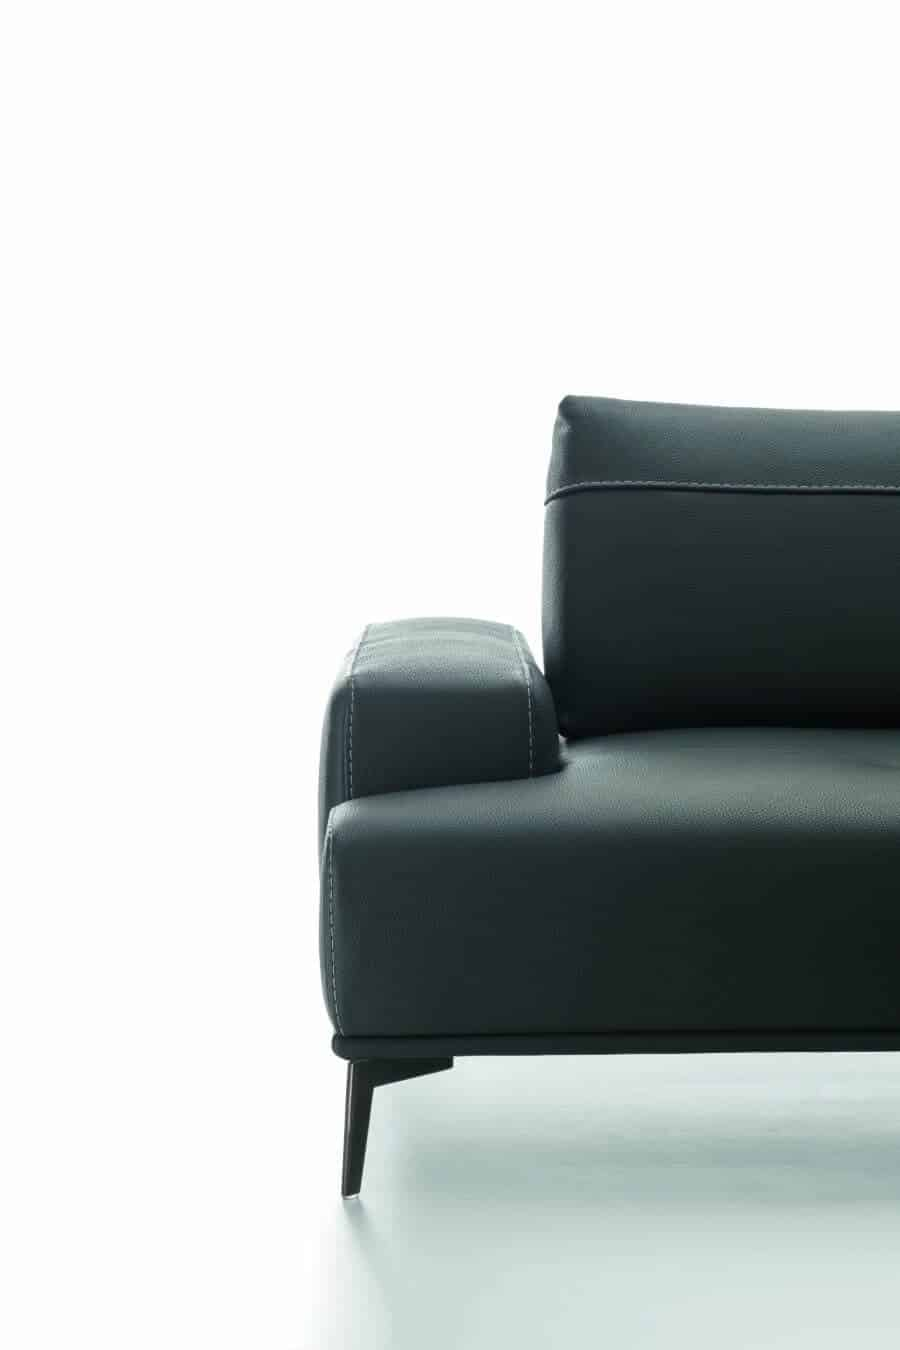 divani-bracciolo-collezione-egeo-pelle-il-mobile